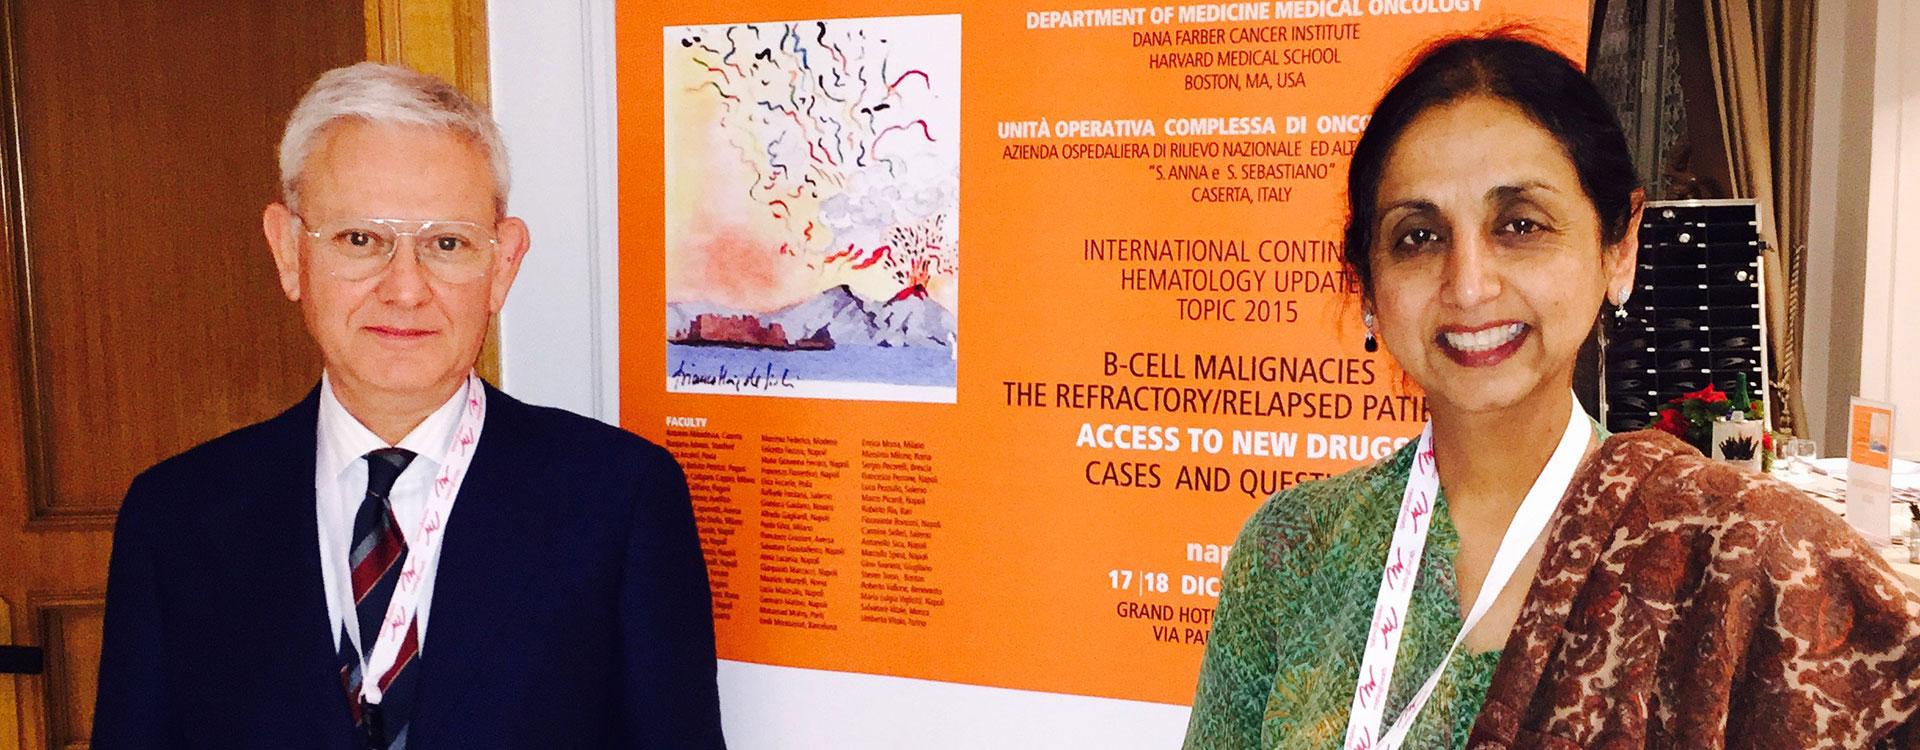 Proff. Antonio Abbadessa e Ranjana Advani